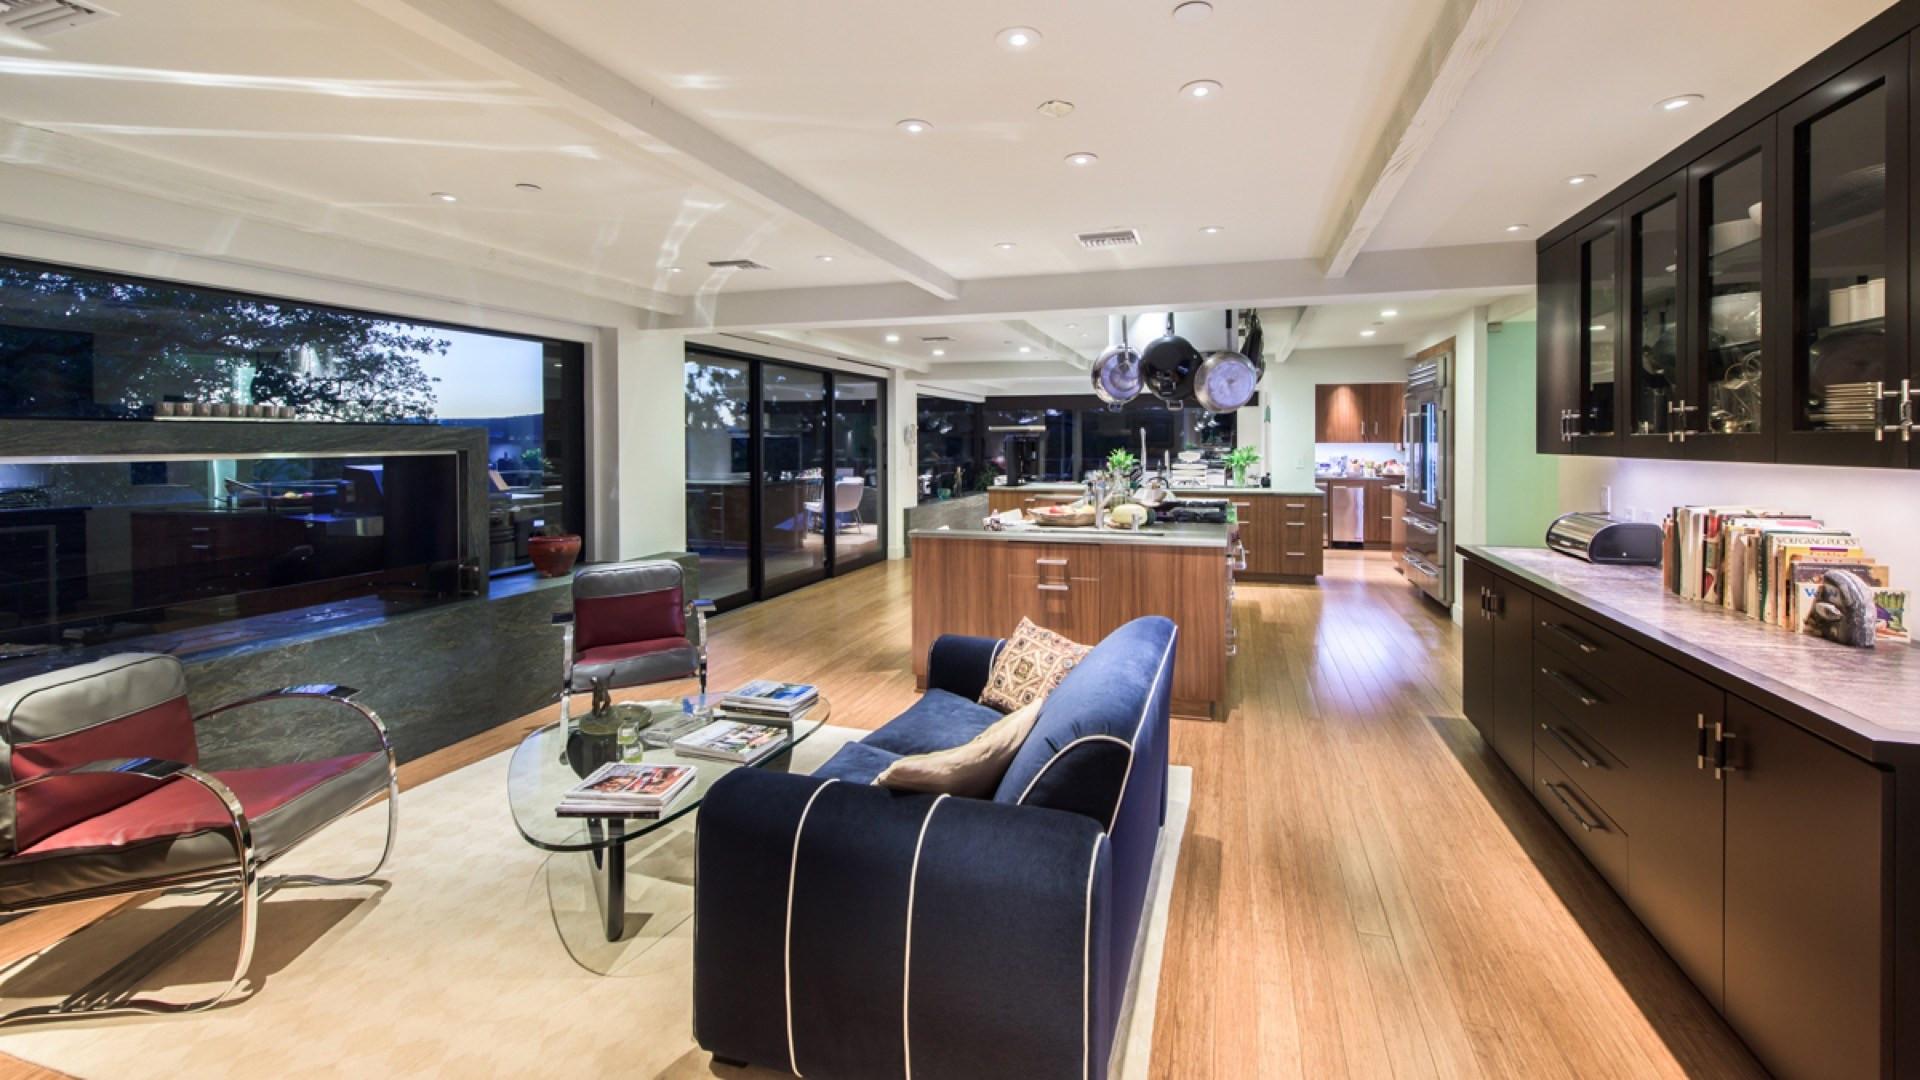 Джейн Фонда продает свой особняк в Беверли-Хиллз | галерея [1] фото [3]